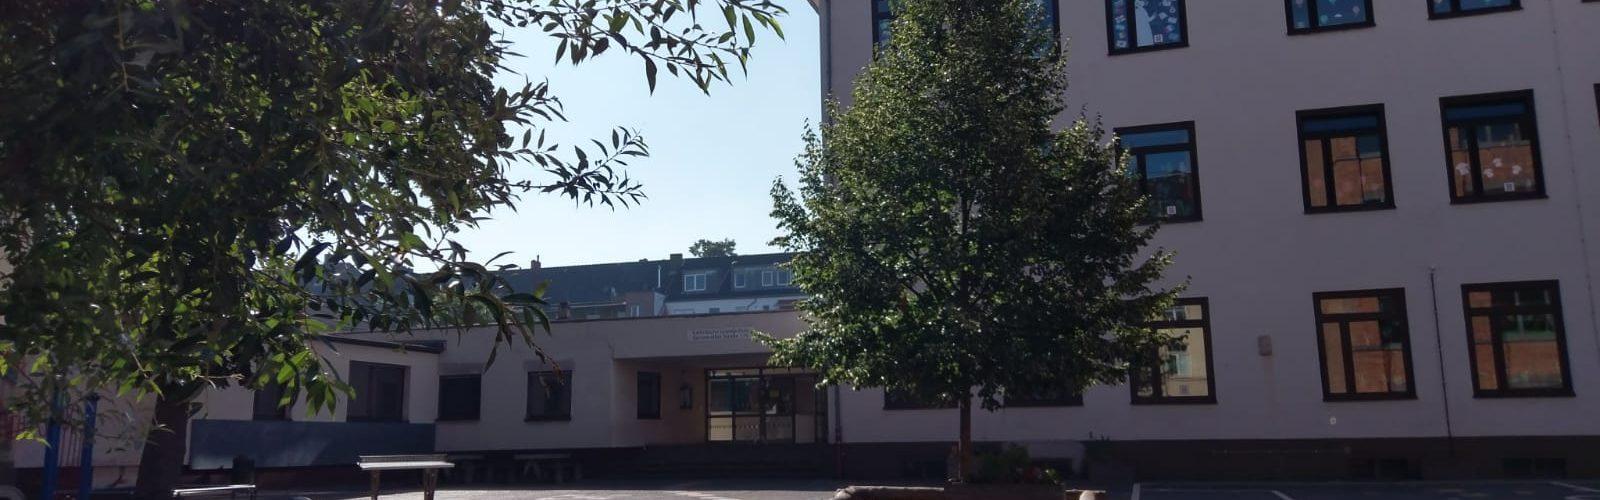 Grundschule Köln Sülz